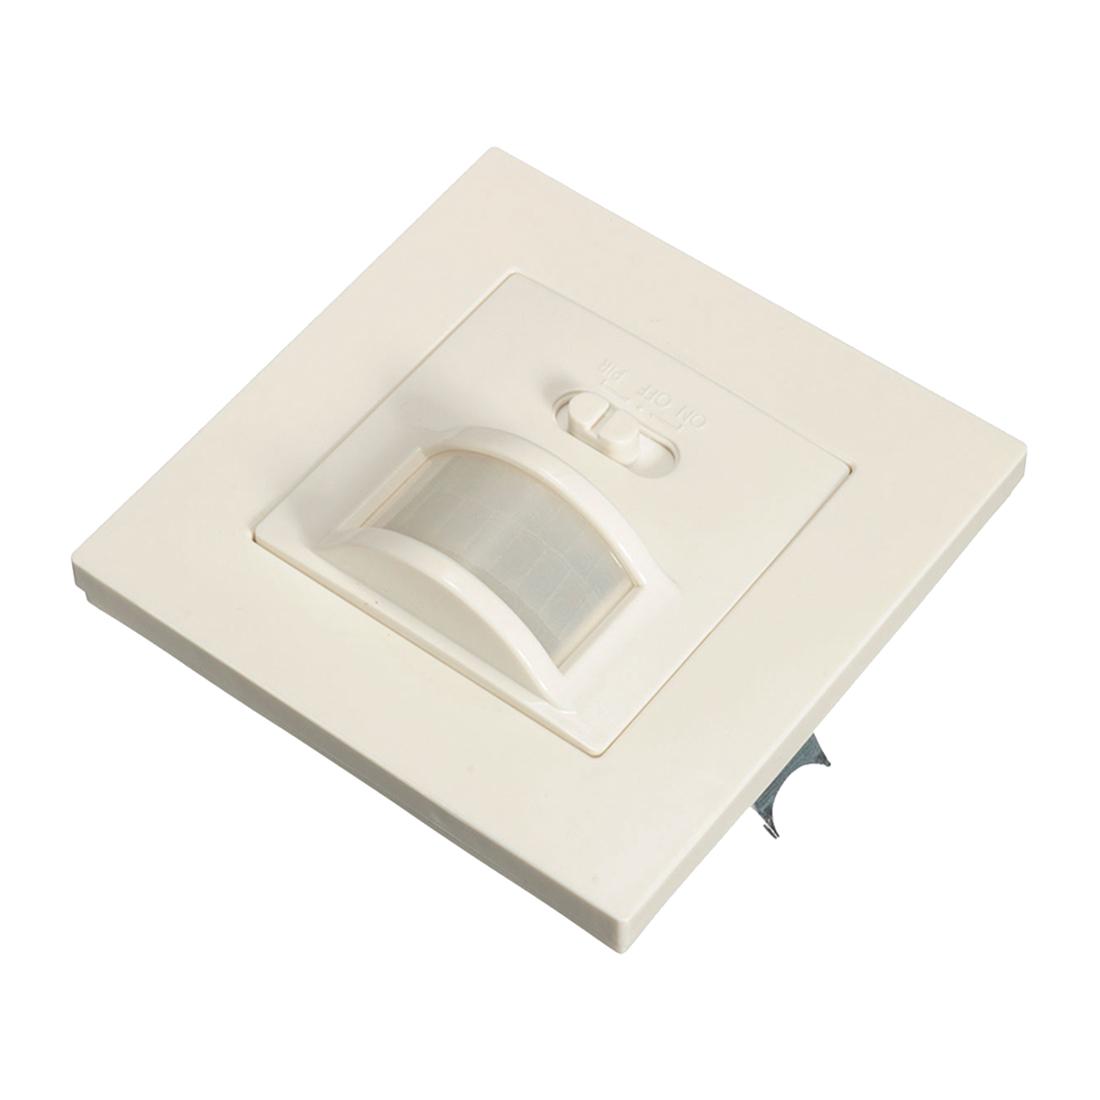 occupancy sensor pir motion light switch presence detection. Black Bedroom Furniture Sets. Home Design Ideas